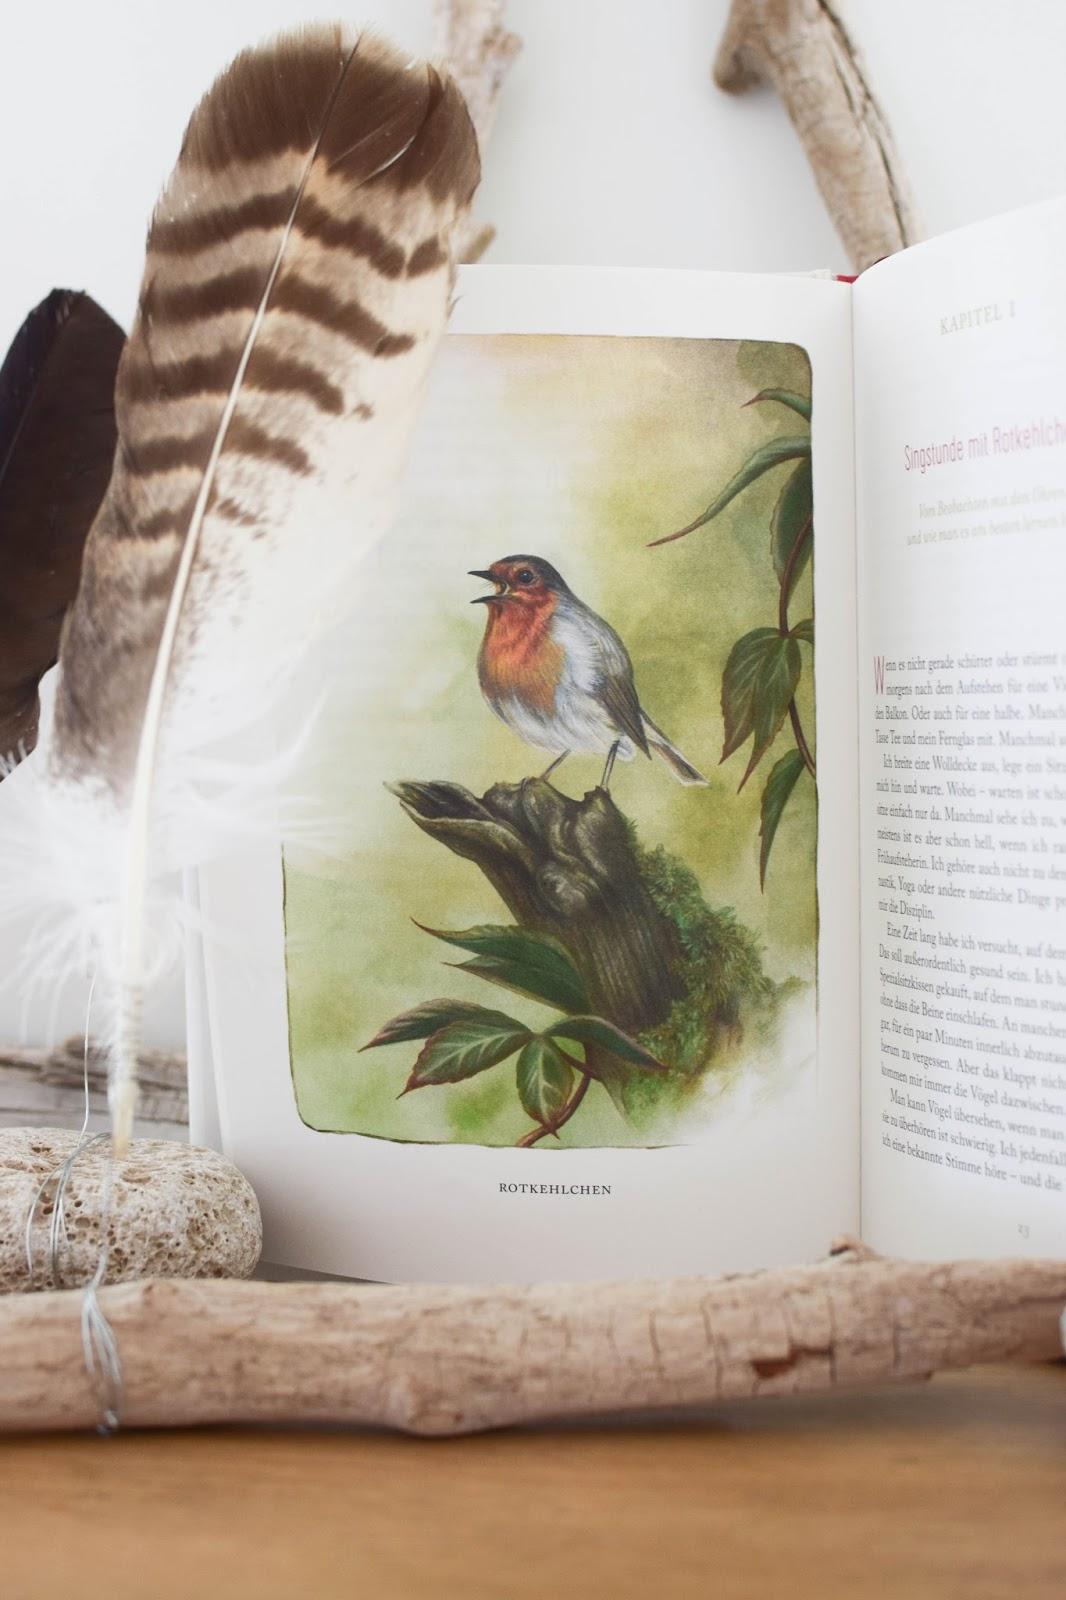 Lesetipp: Federnlesen - VomGlück Vögel zu beobachten. Das Buch für alle Vogelliebhaber und Gartenfreunde